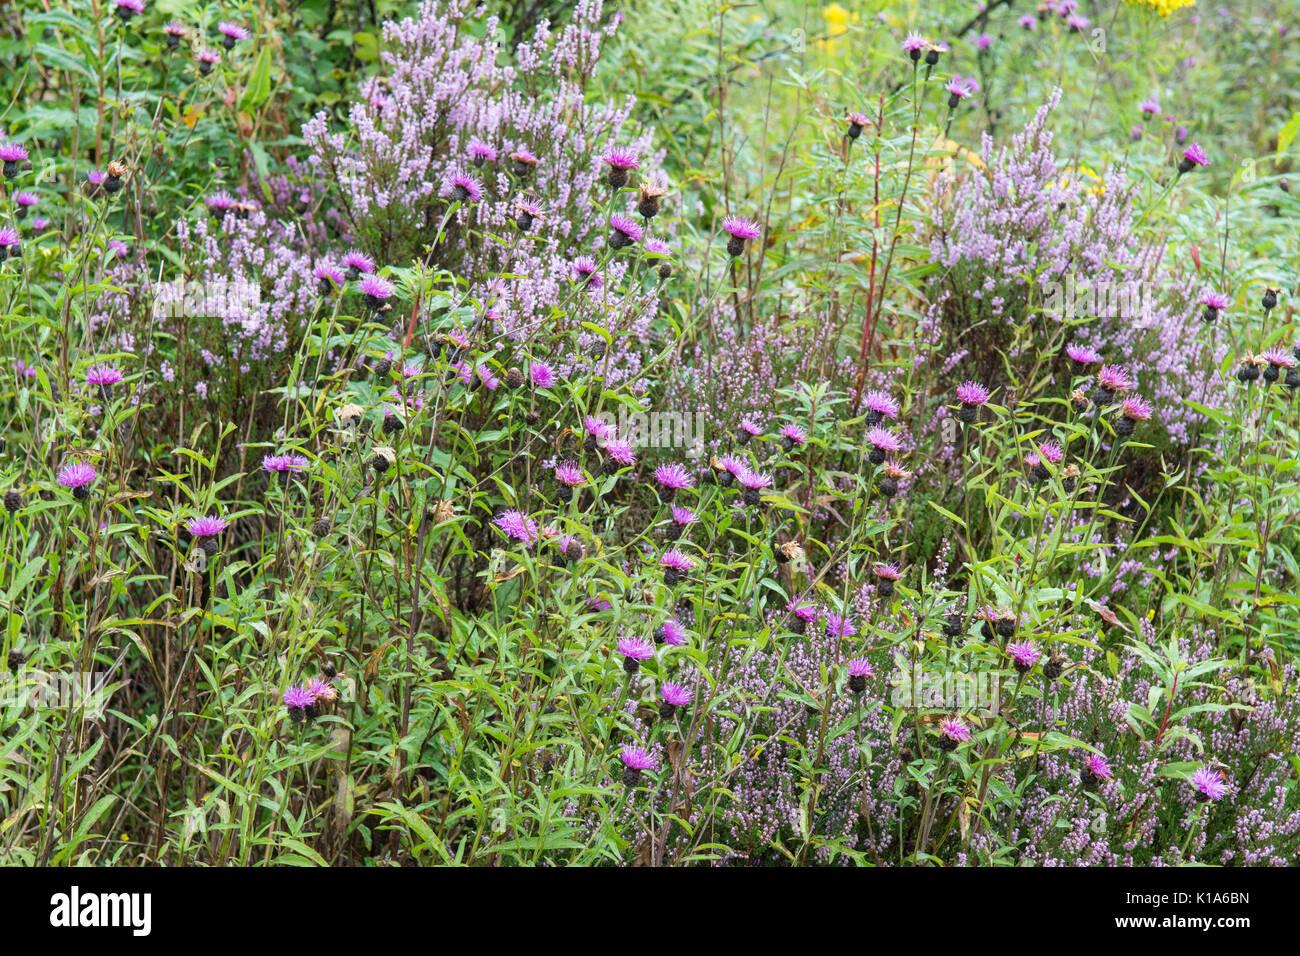 Flores silvestres de Escocia - purple heather y mala hierba común Imagen De Stock